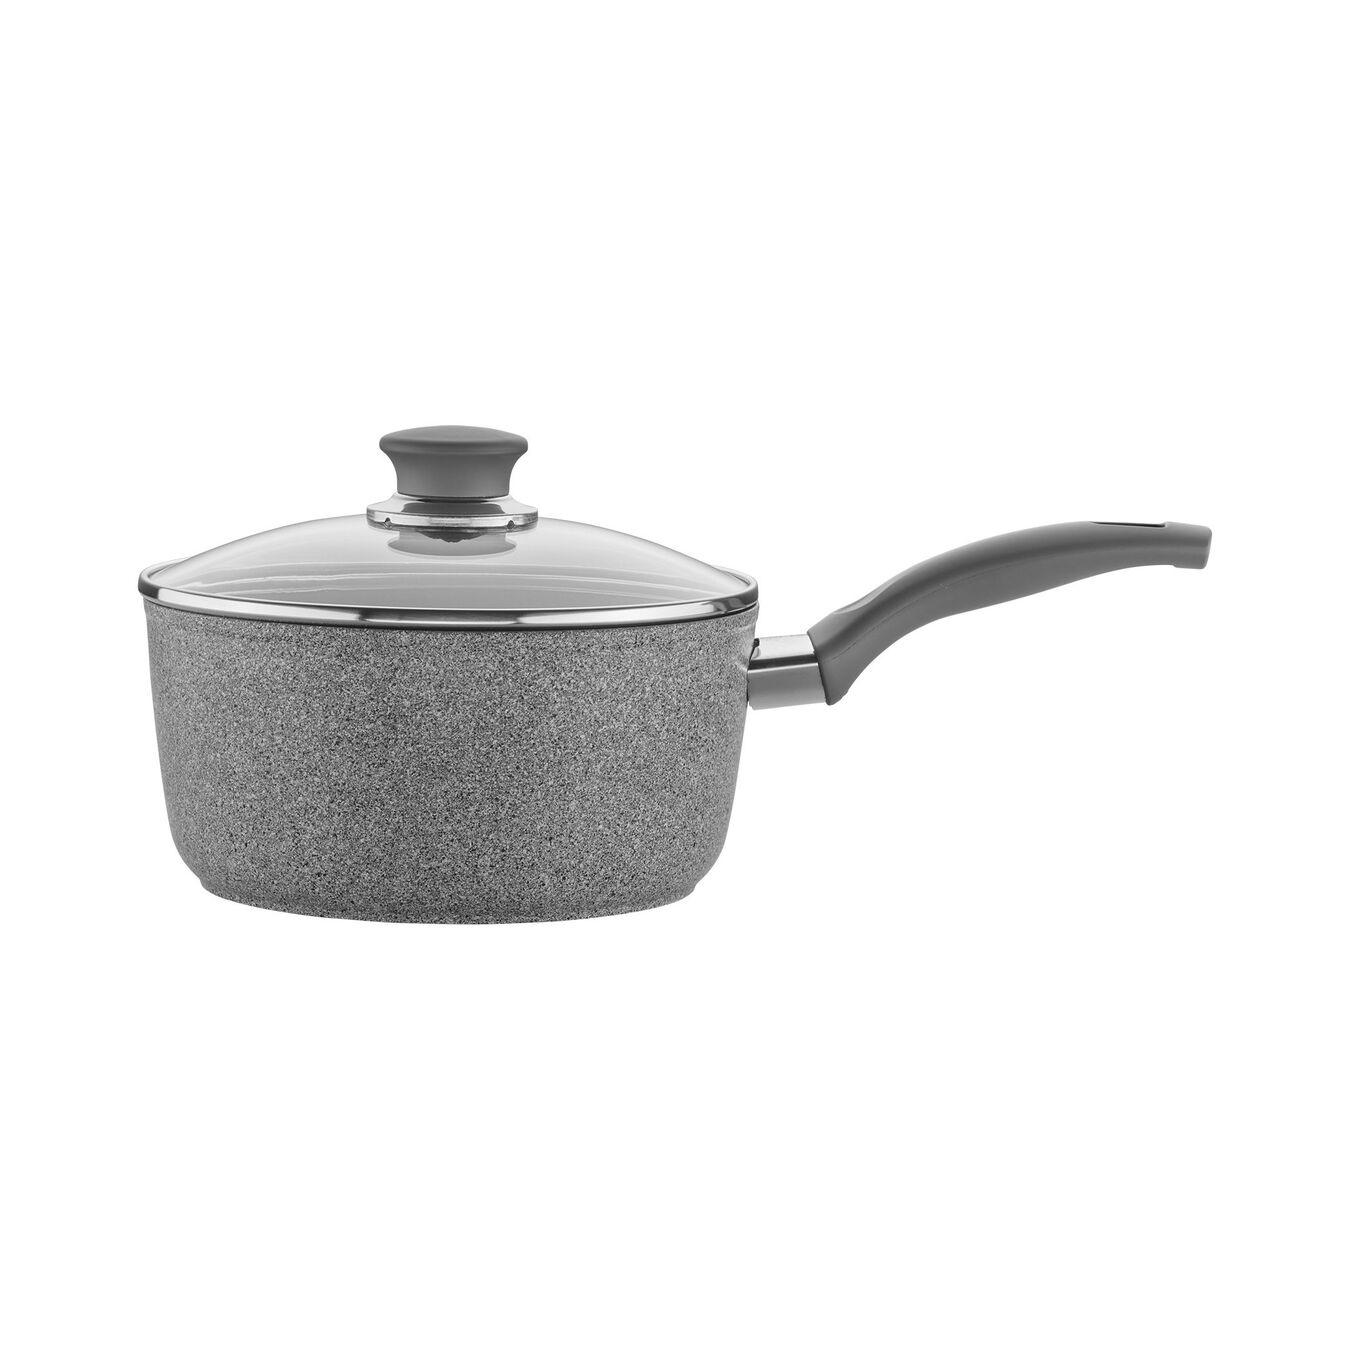 10-pc Aluminum Pots and pans set,,large 5